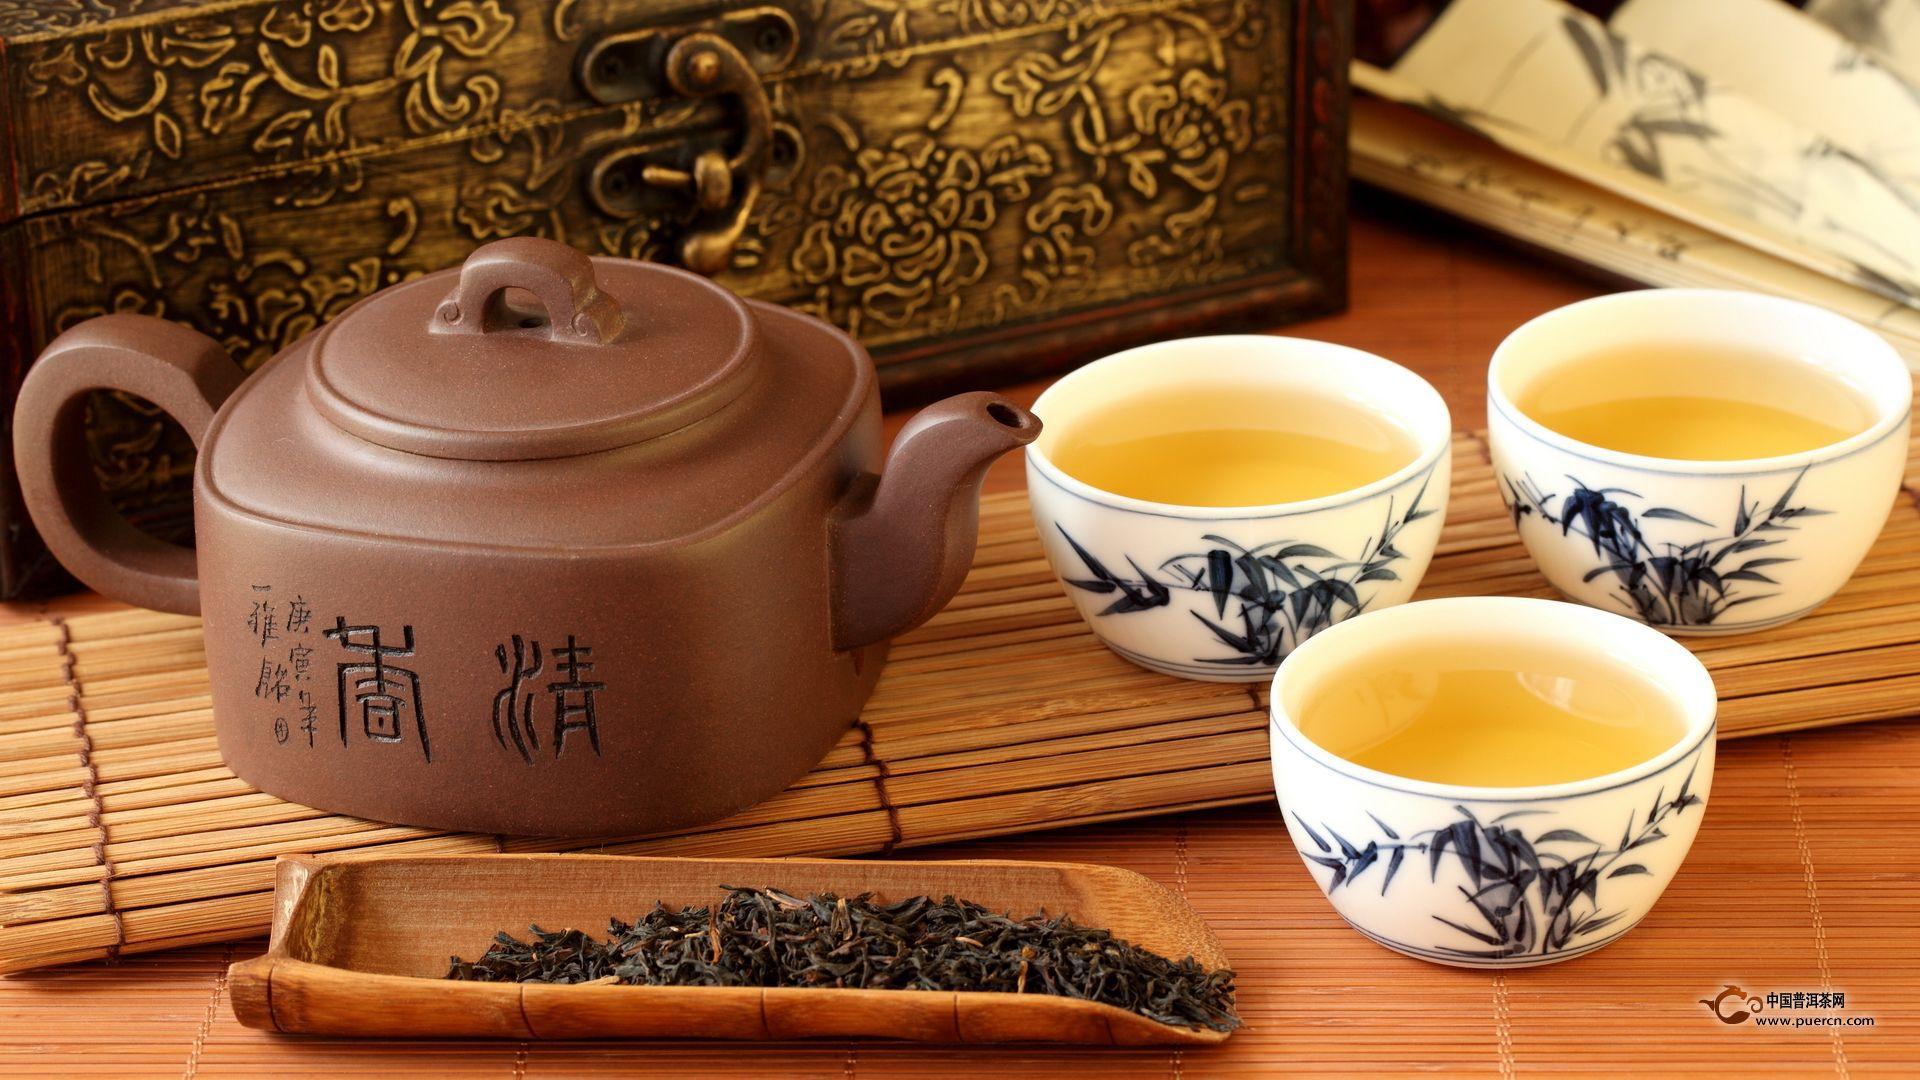 什么是普洱生茶,怎么泡,有什么用?